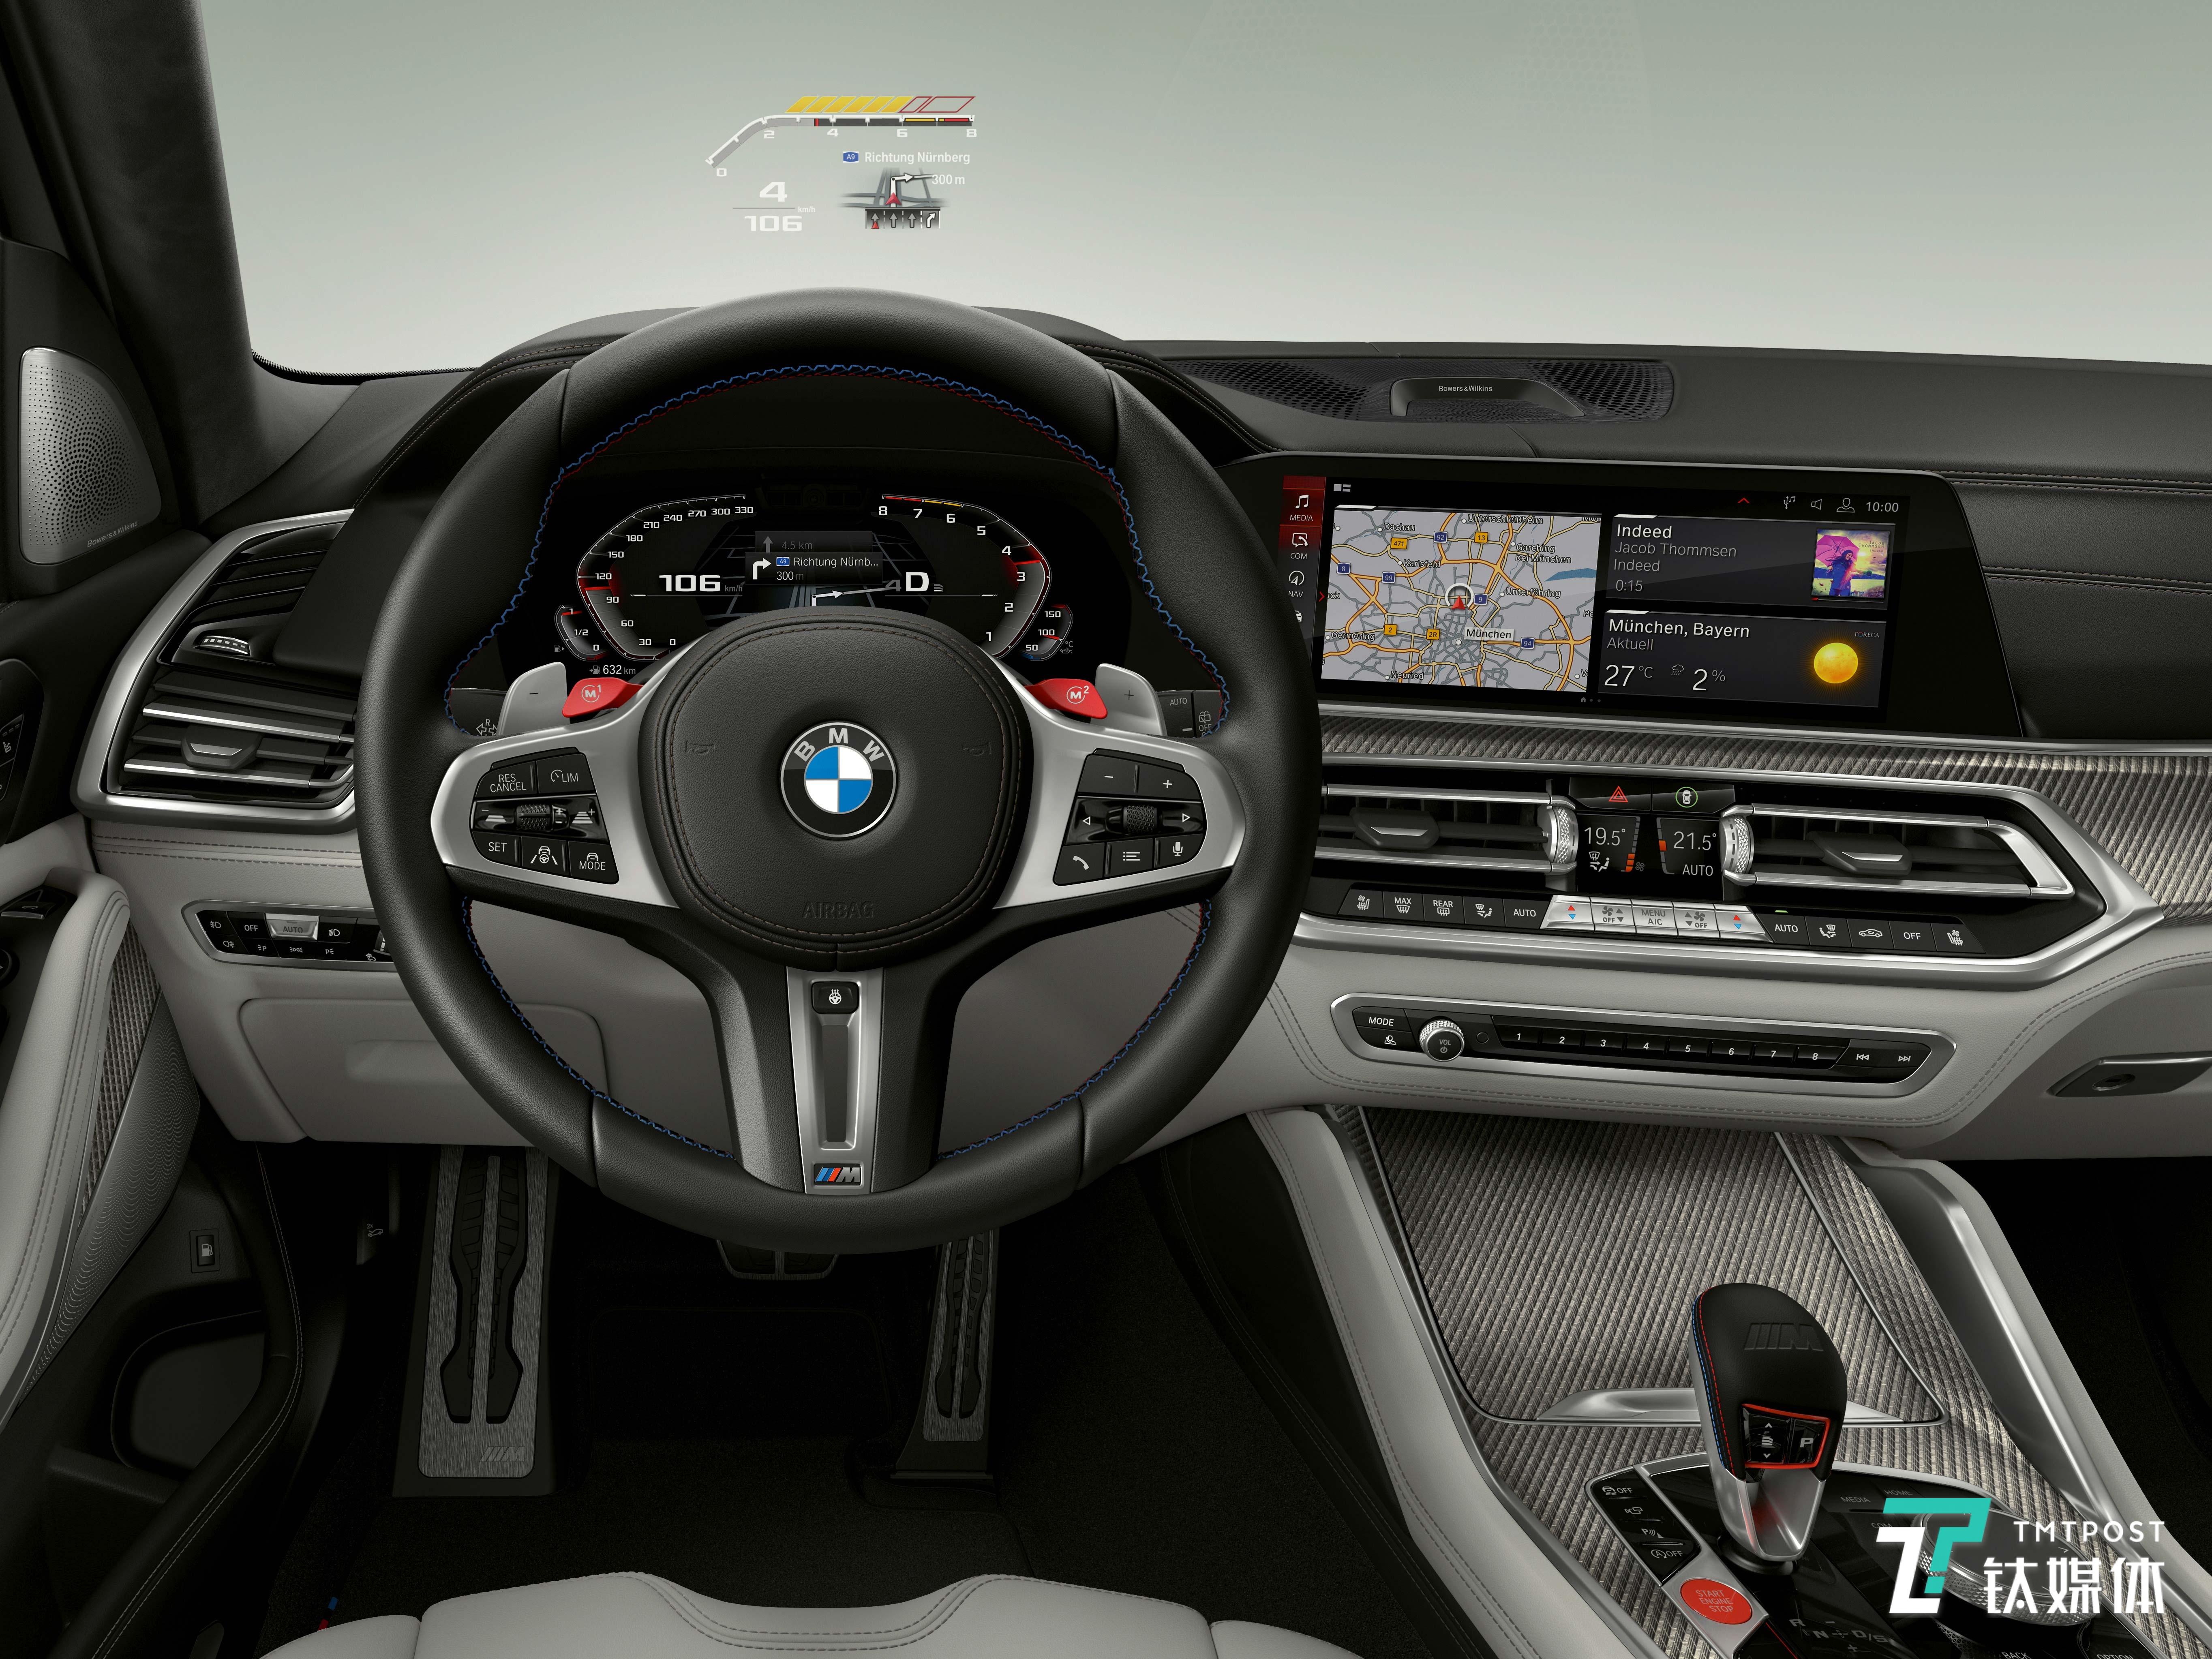 第七代BMW iDrive人机交互编制